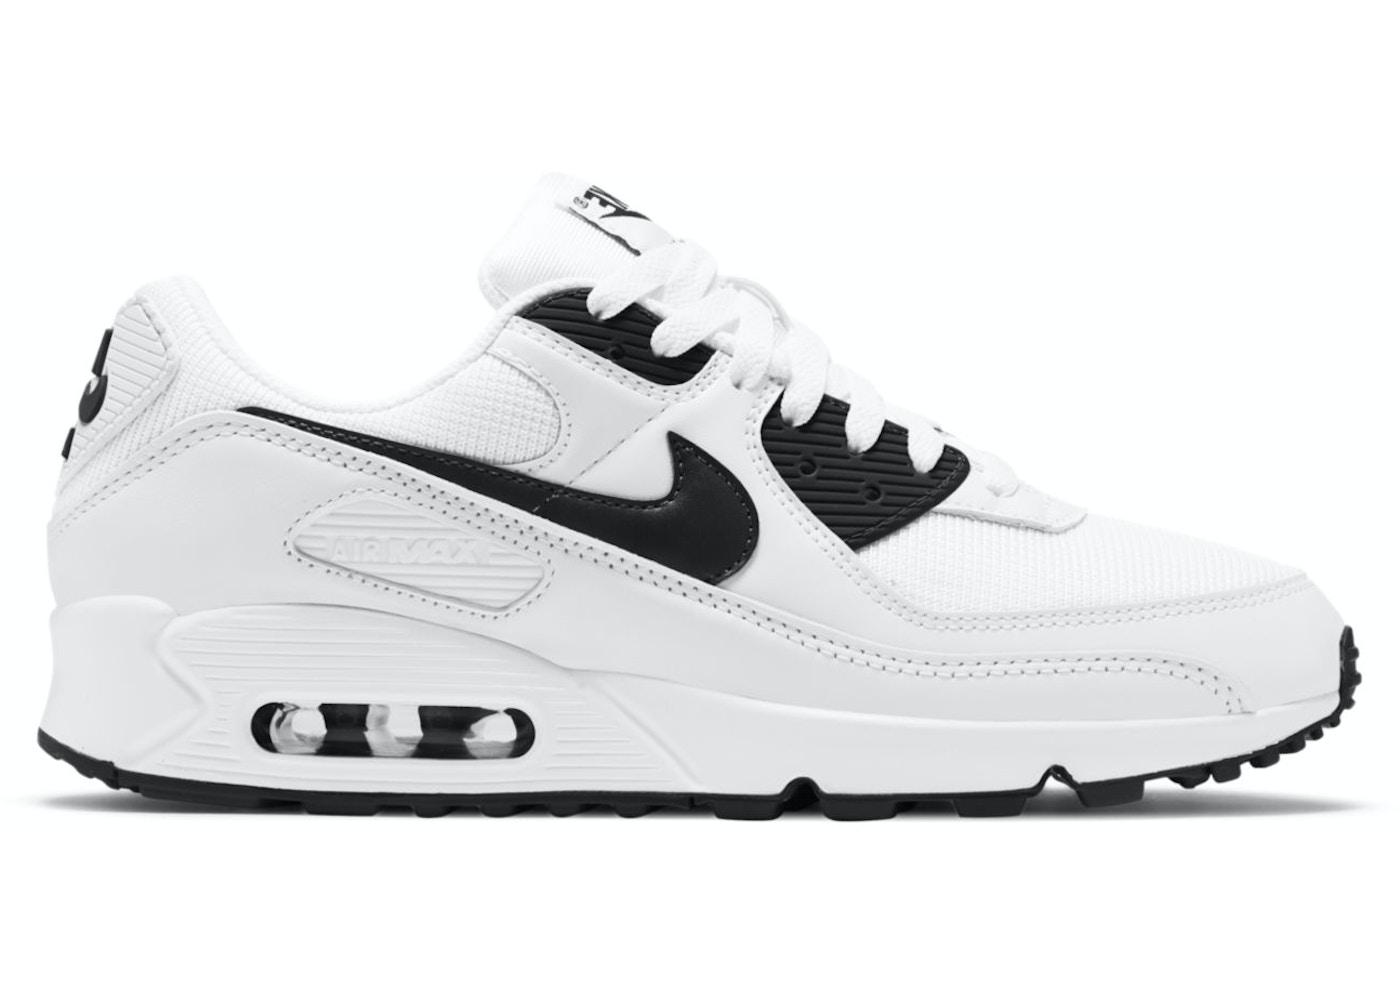 Nike Air Max 90 White Ct1028 103